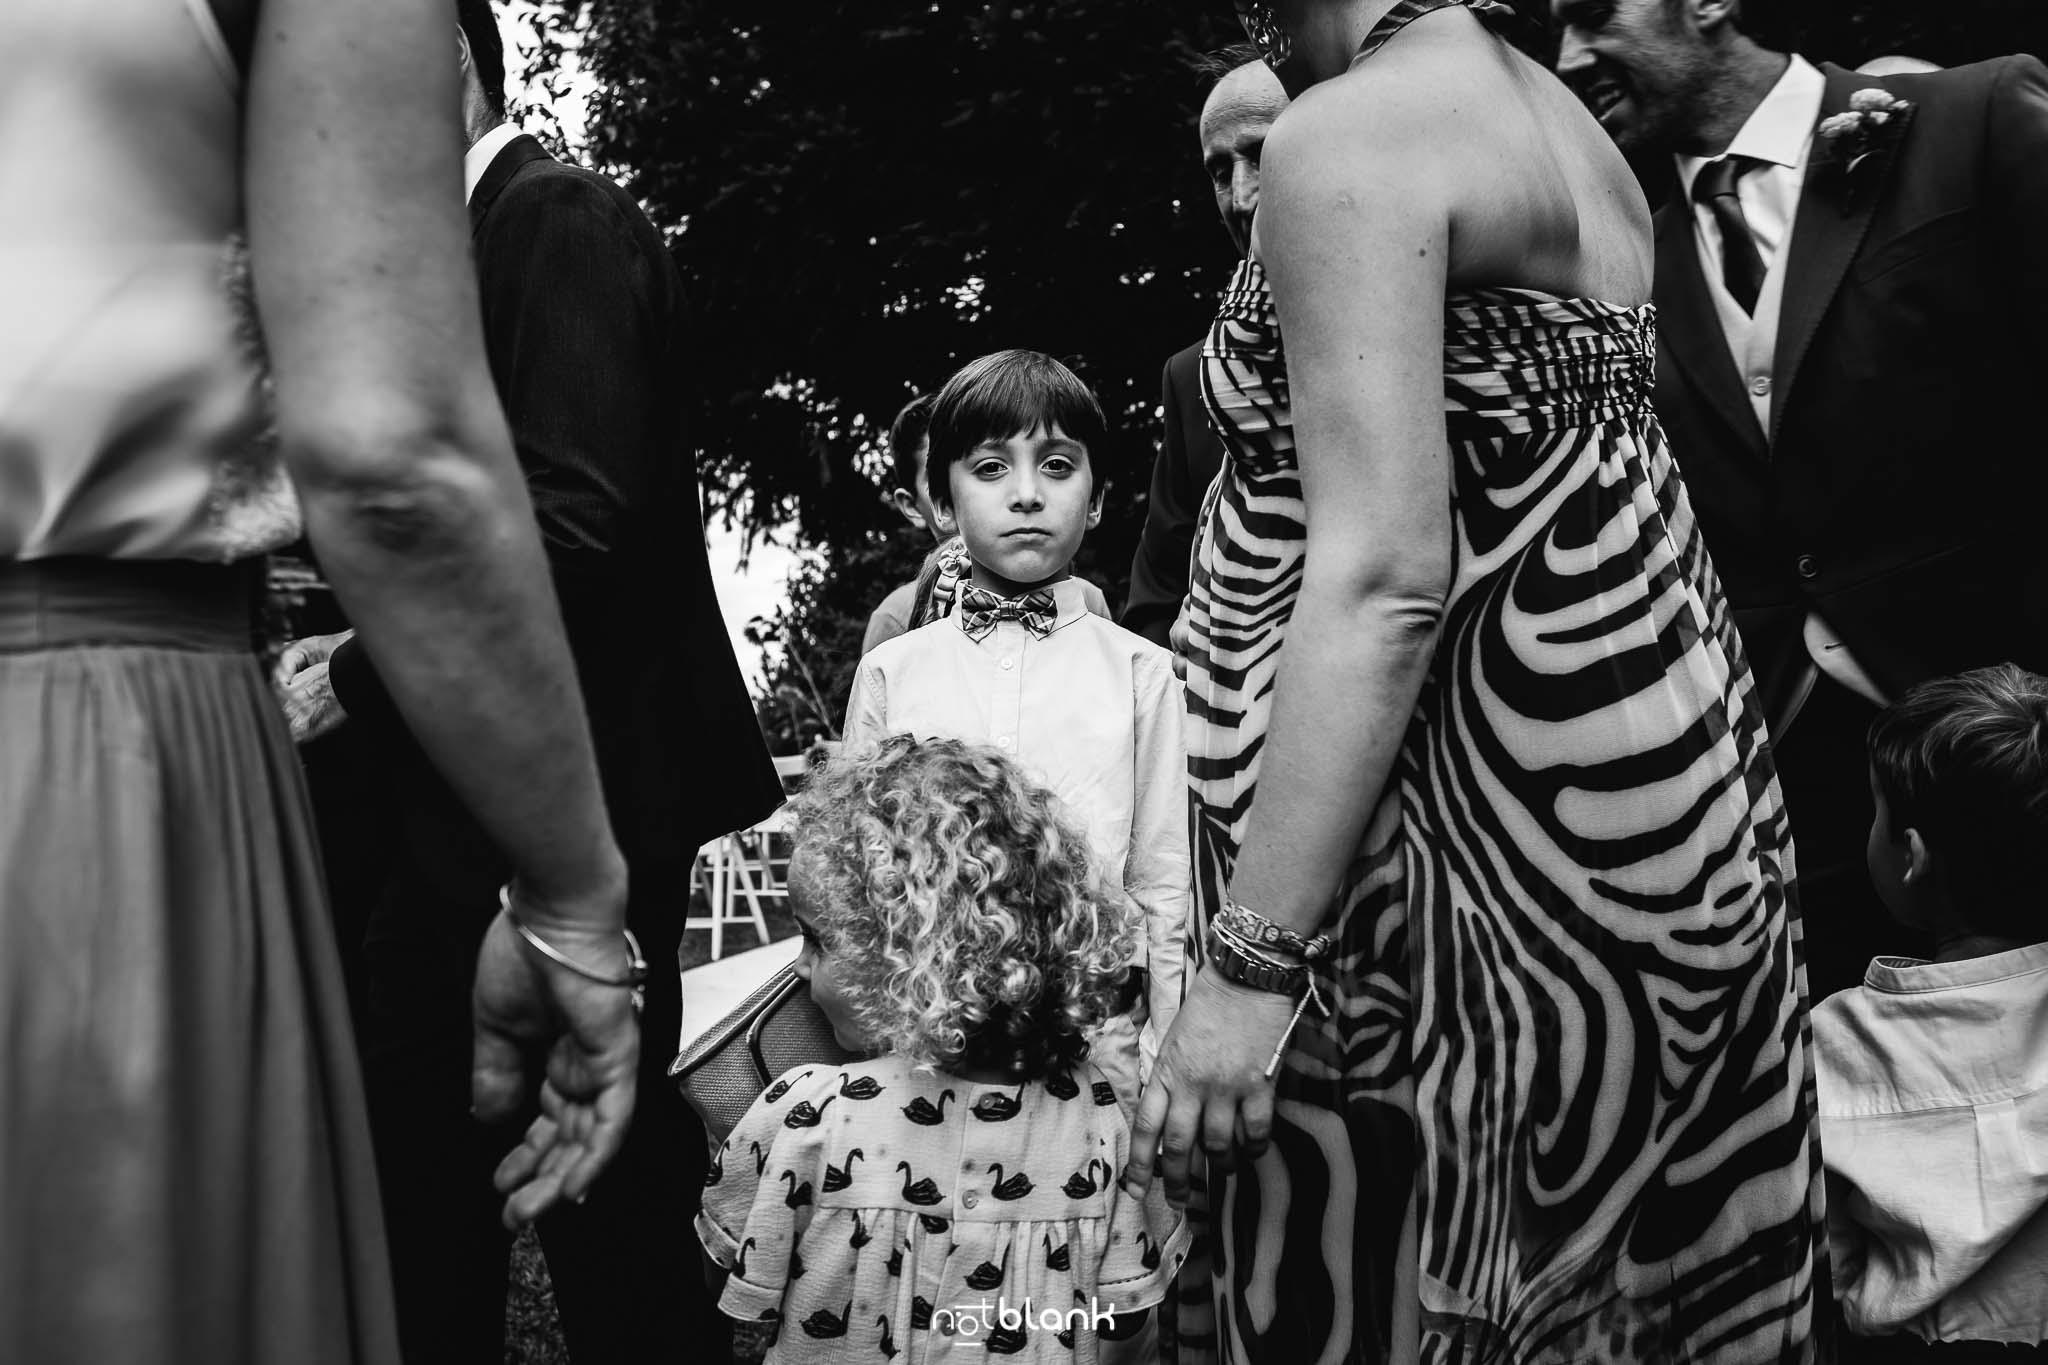 Boda En El Jardin De Casa Jana y Fran - Retrato de un niño durante la ceremonia civil - Notblank Fotografos de boda